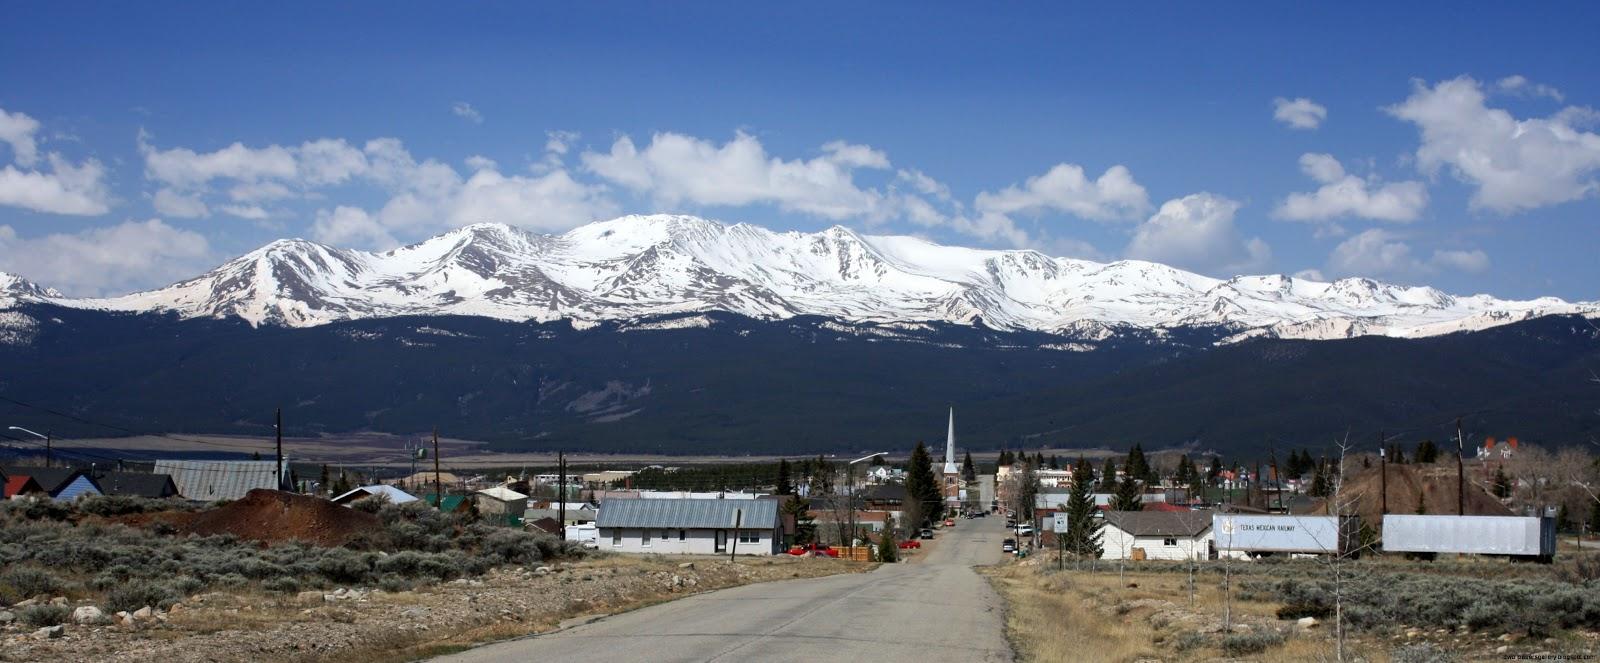 Mount Massive Leadville Colorado